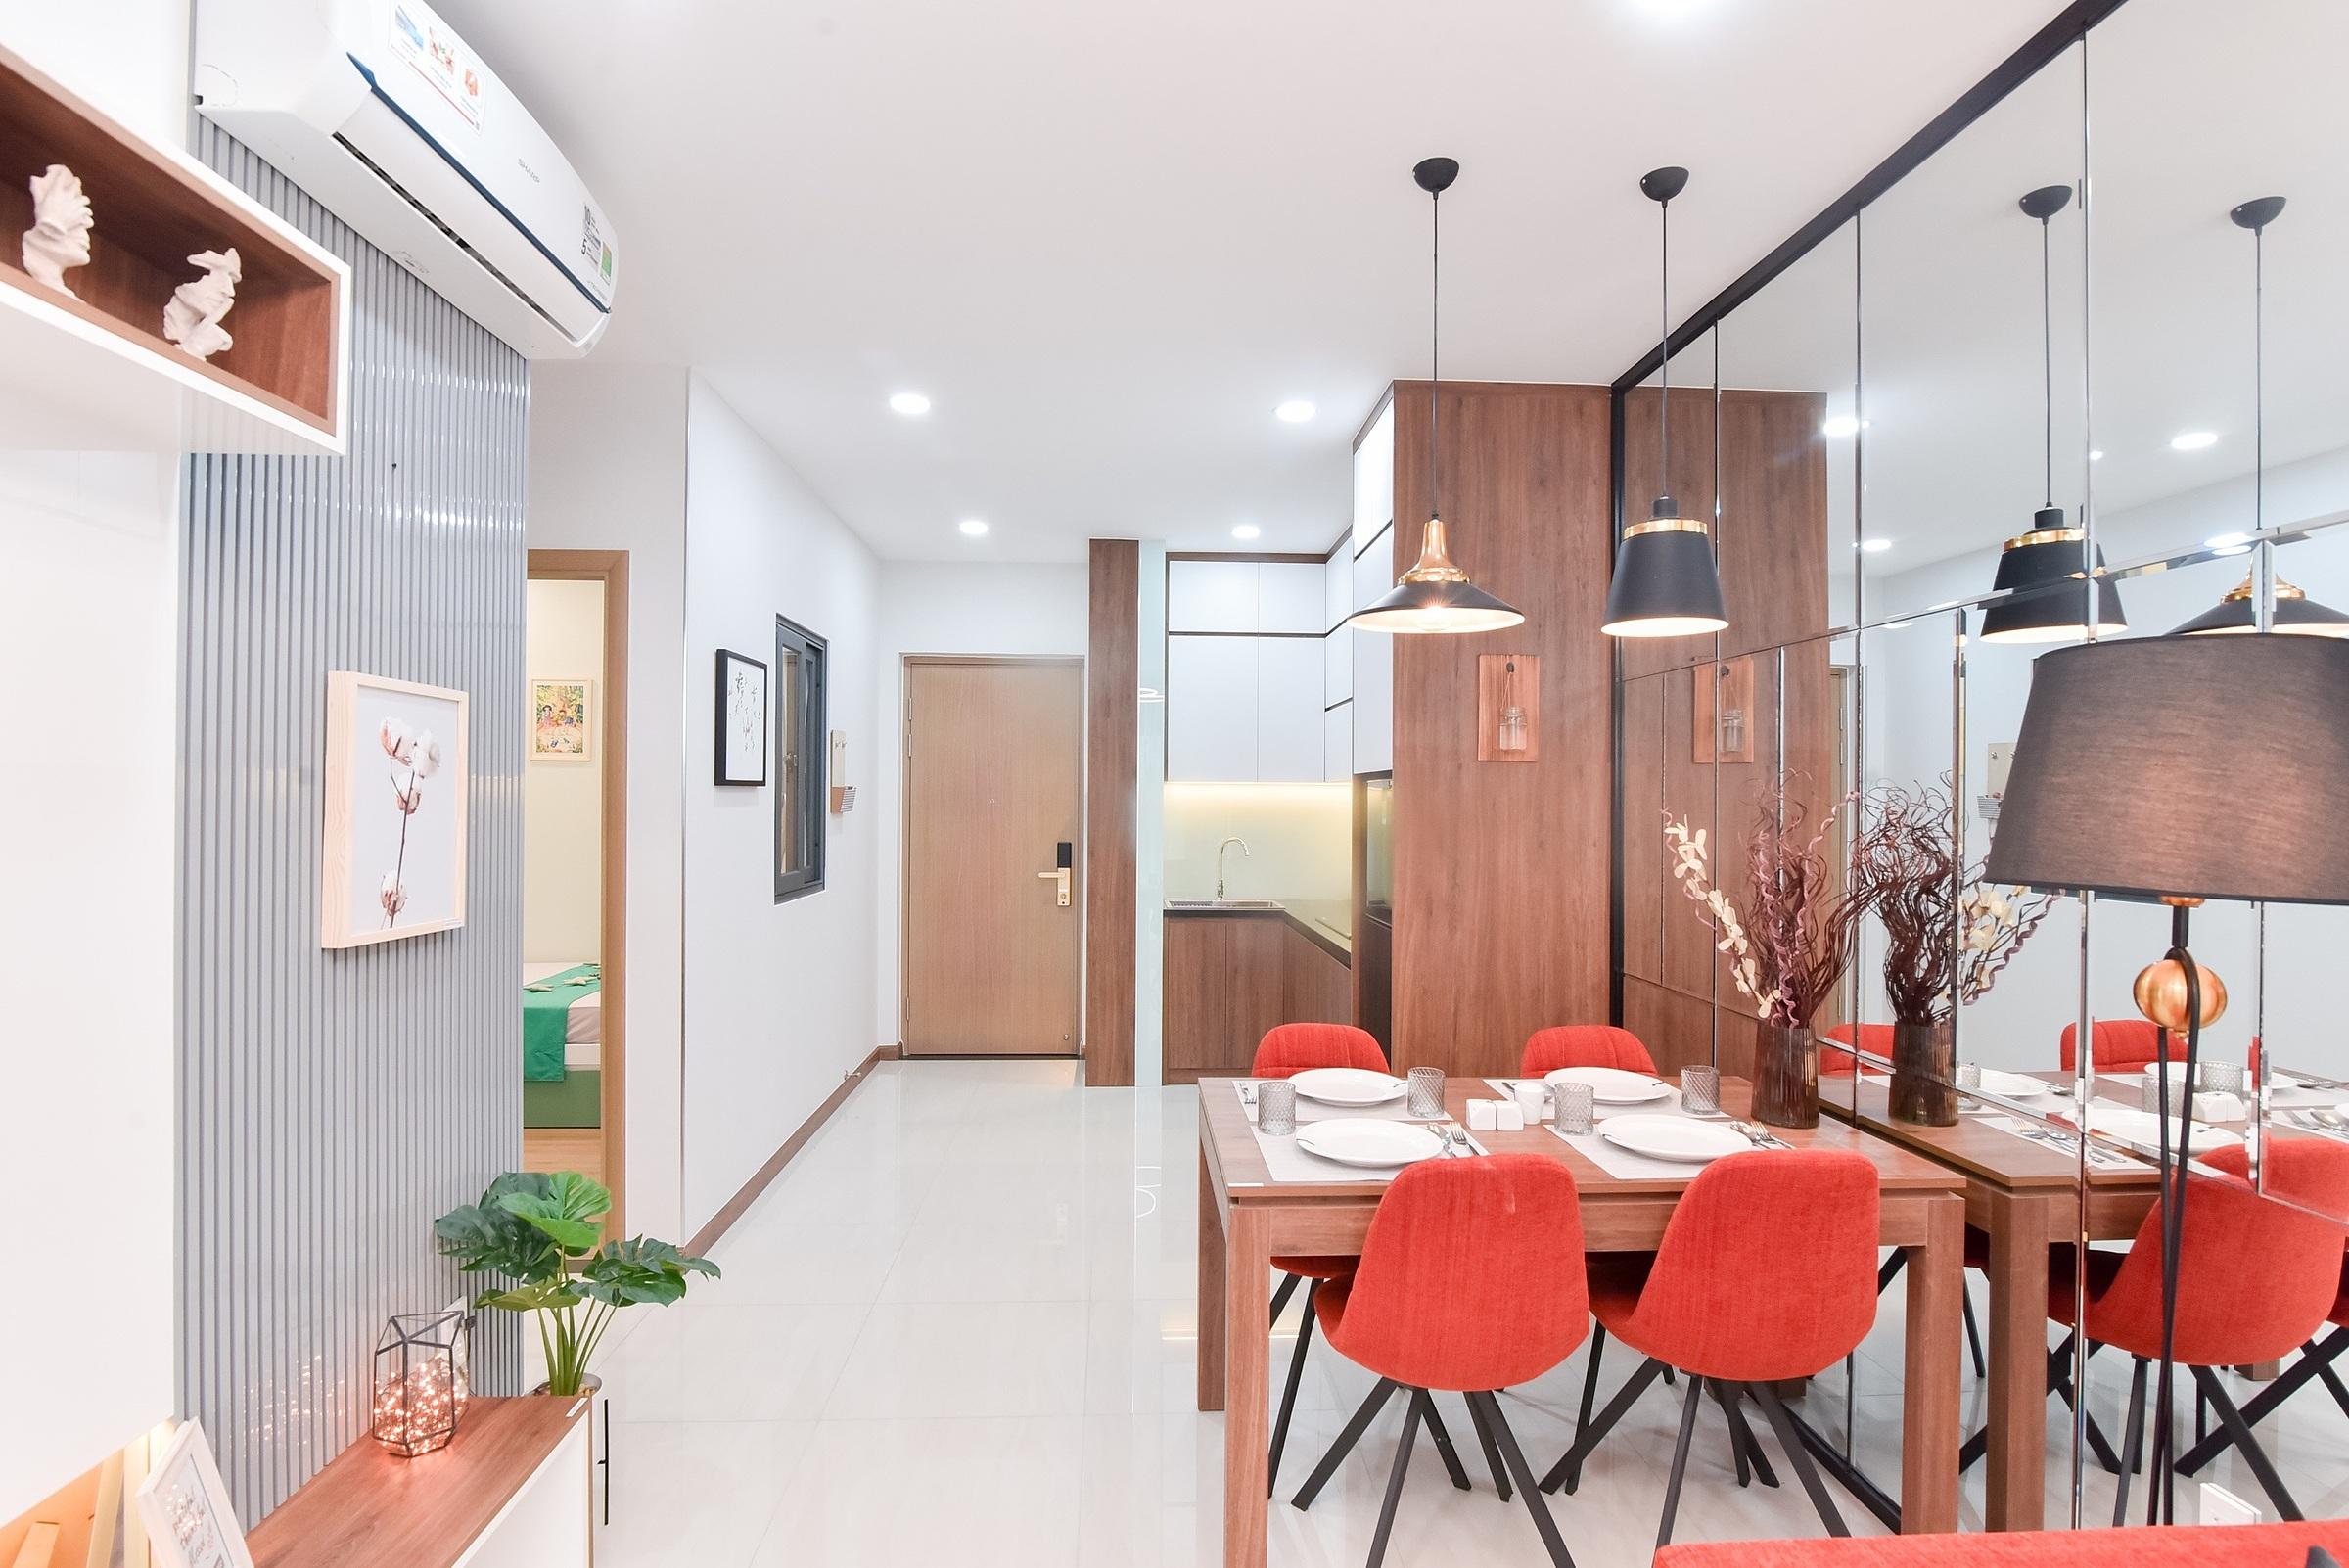 Sử dụng nội thất tông trầm đem đến không gian căn hộ sang trọng, ấm cúng. Cửa chính căn hộ có khả năng chống cháy và được trang bị ổ khoá từ.